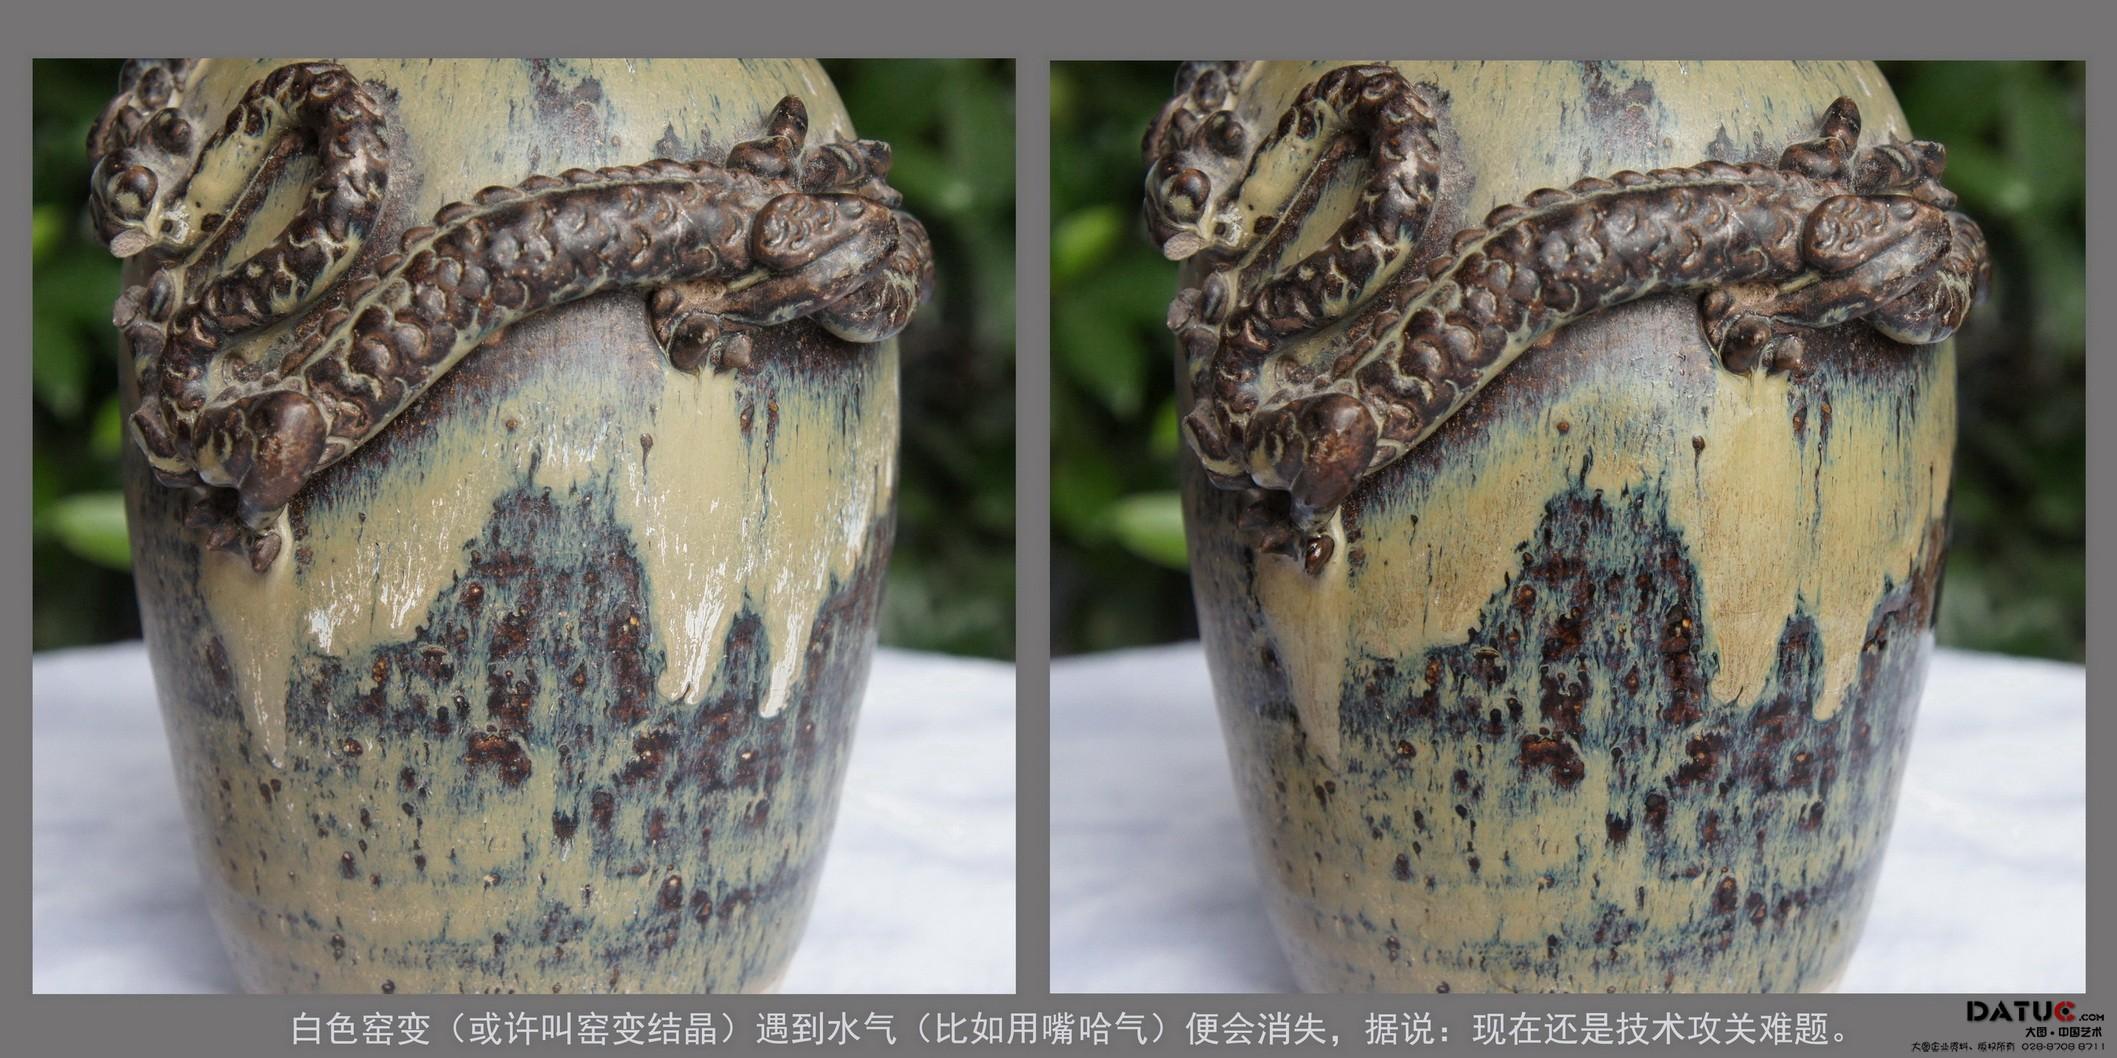 4-5、堆塑龙纹窑变谷仓罐(局部).jpg